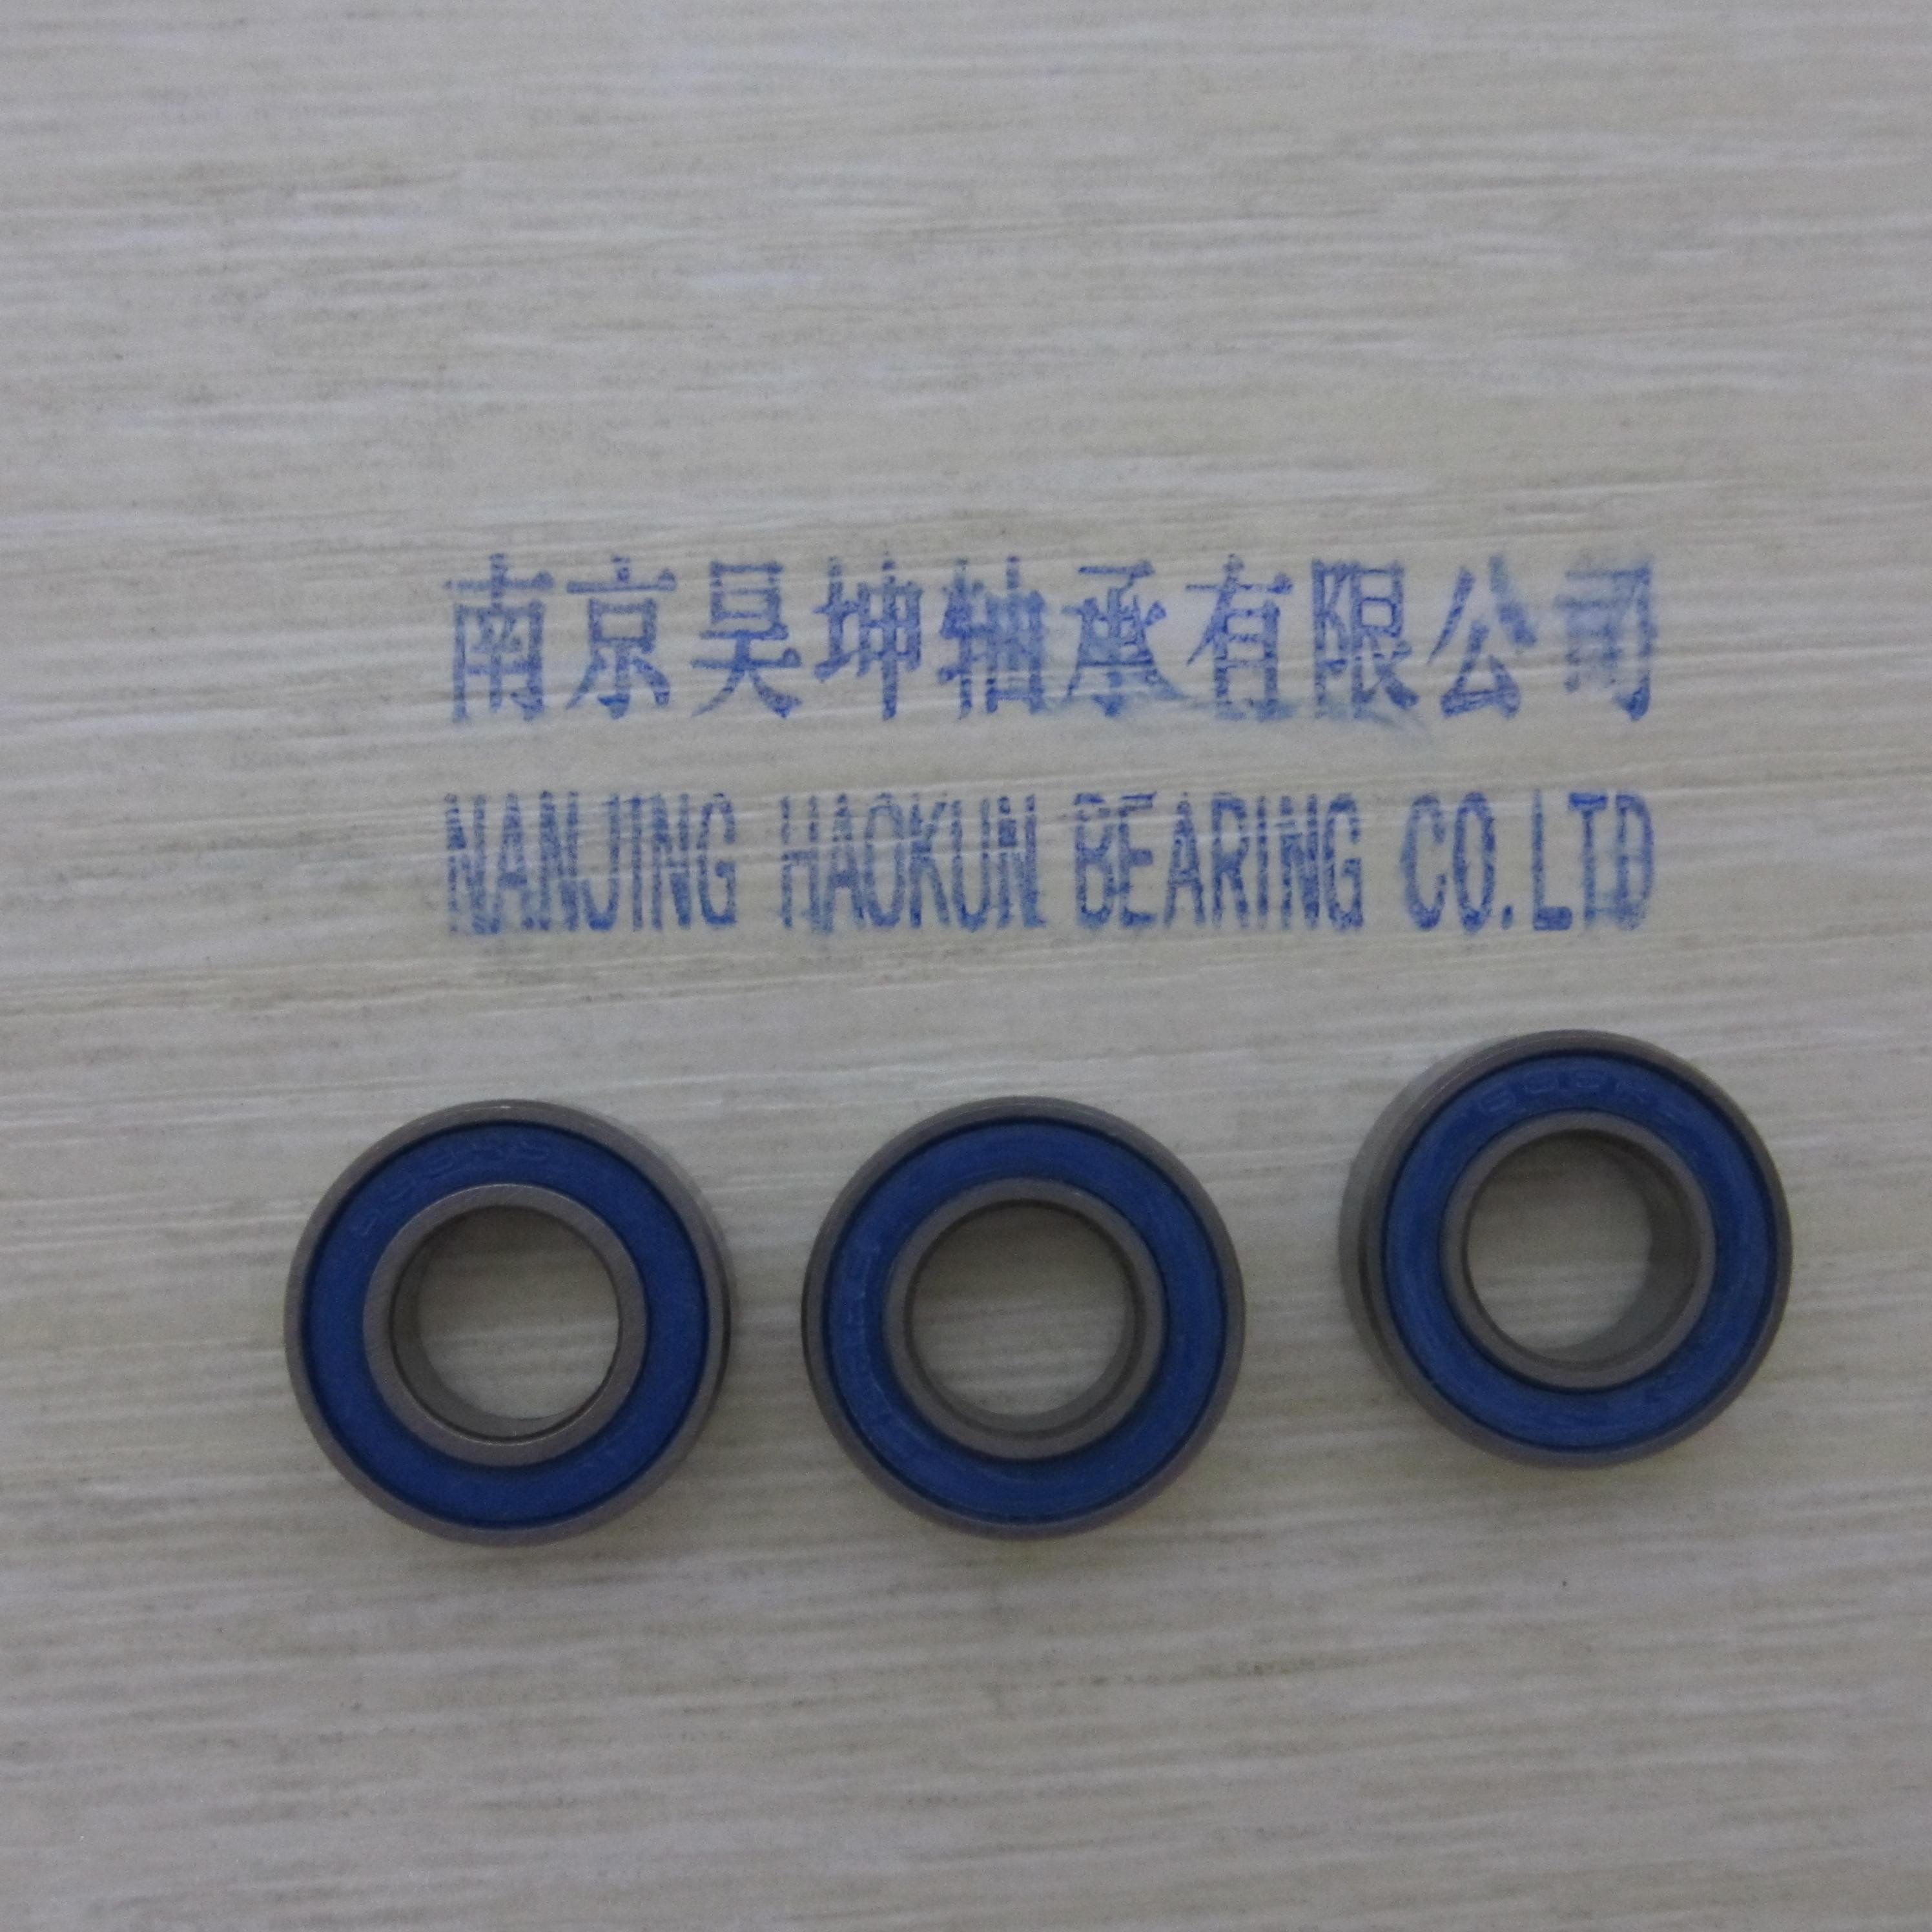 Cojinete de cubo de rueda 15267-2rs 15*26*7mm s15267-2rs CE DE ACERO INOXIDABLE 15267 Si3N4 rodamiento de cerámica híbrido